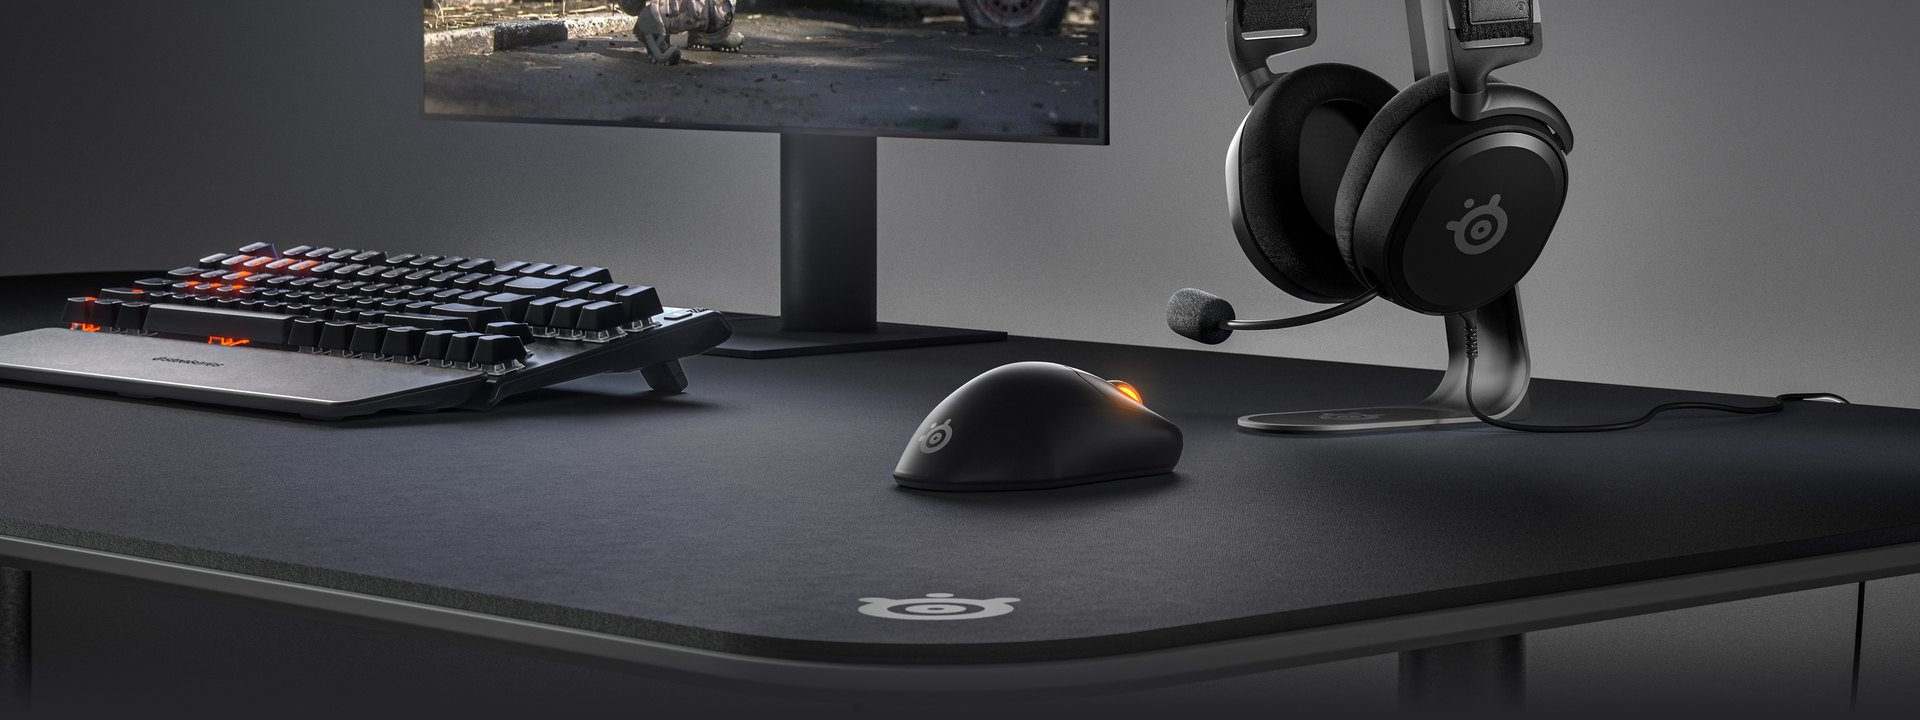 Elegancka konfiguracja komputerowa z myszą i zestawem słuchawkowym Prime.